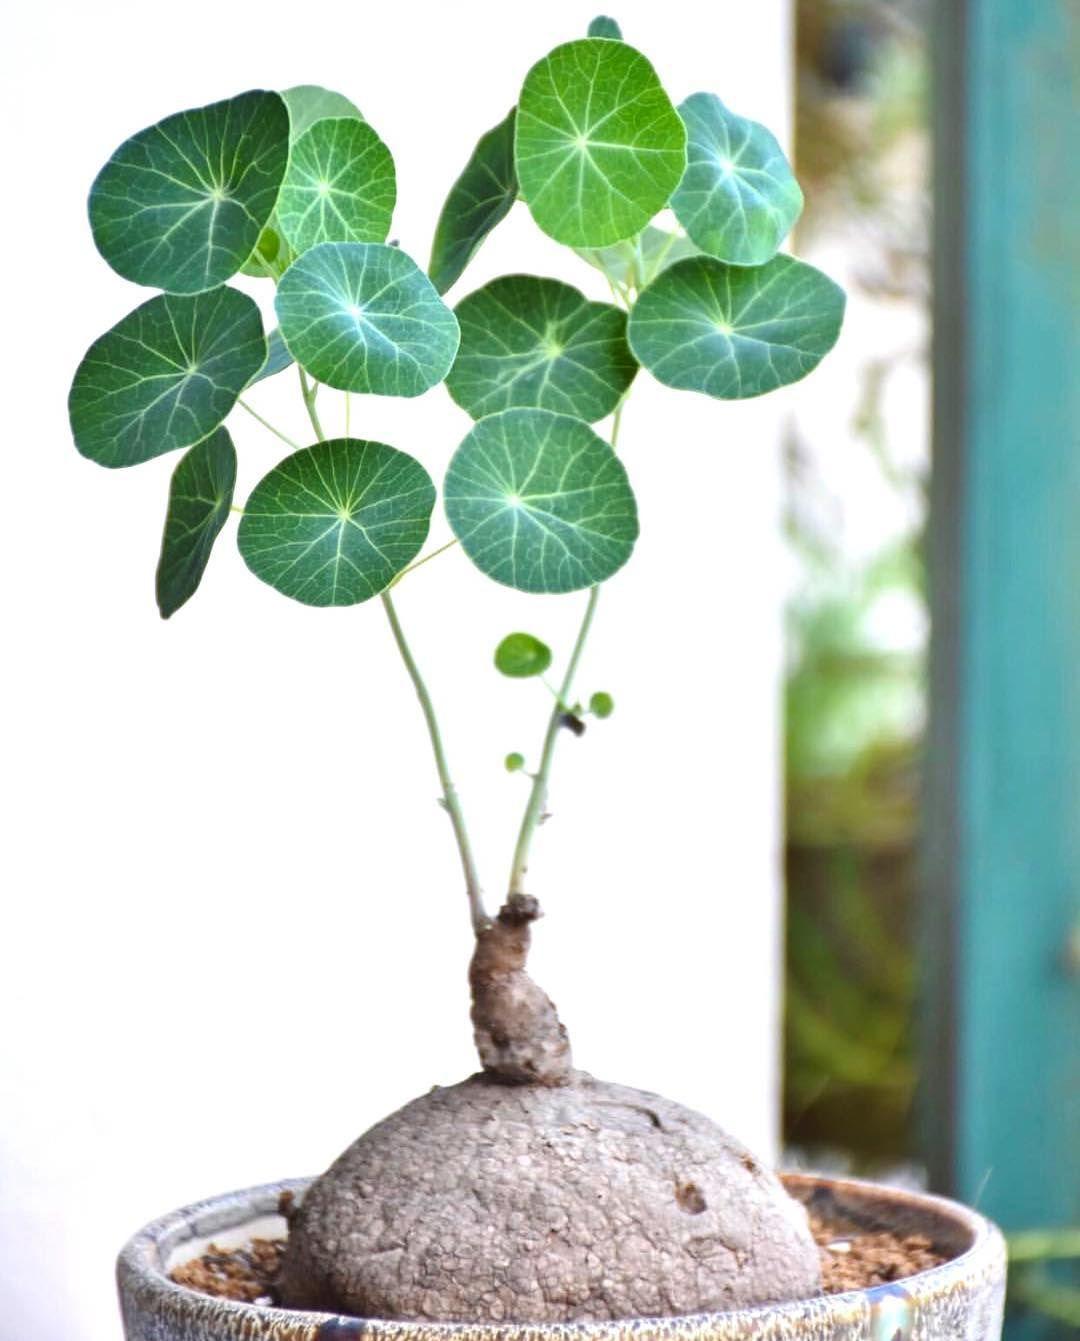 Epingle Par Sodi Jean Sur Plants Pots Avec Images Deco